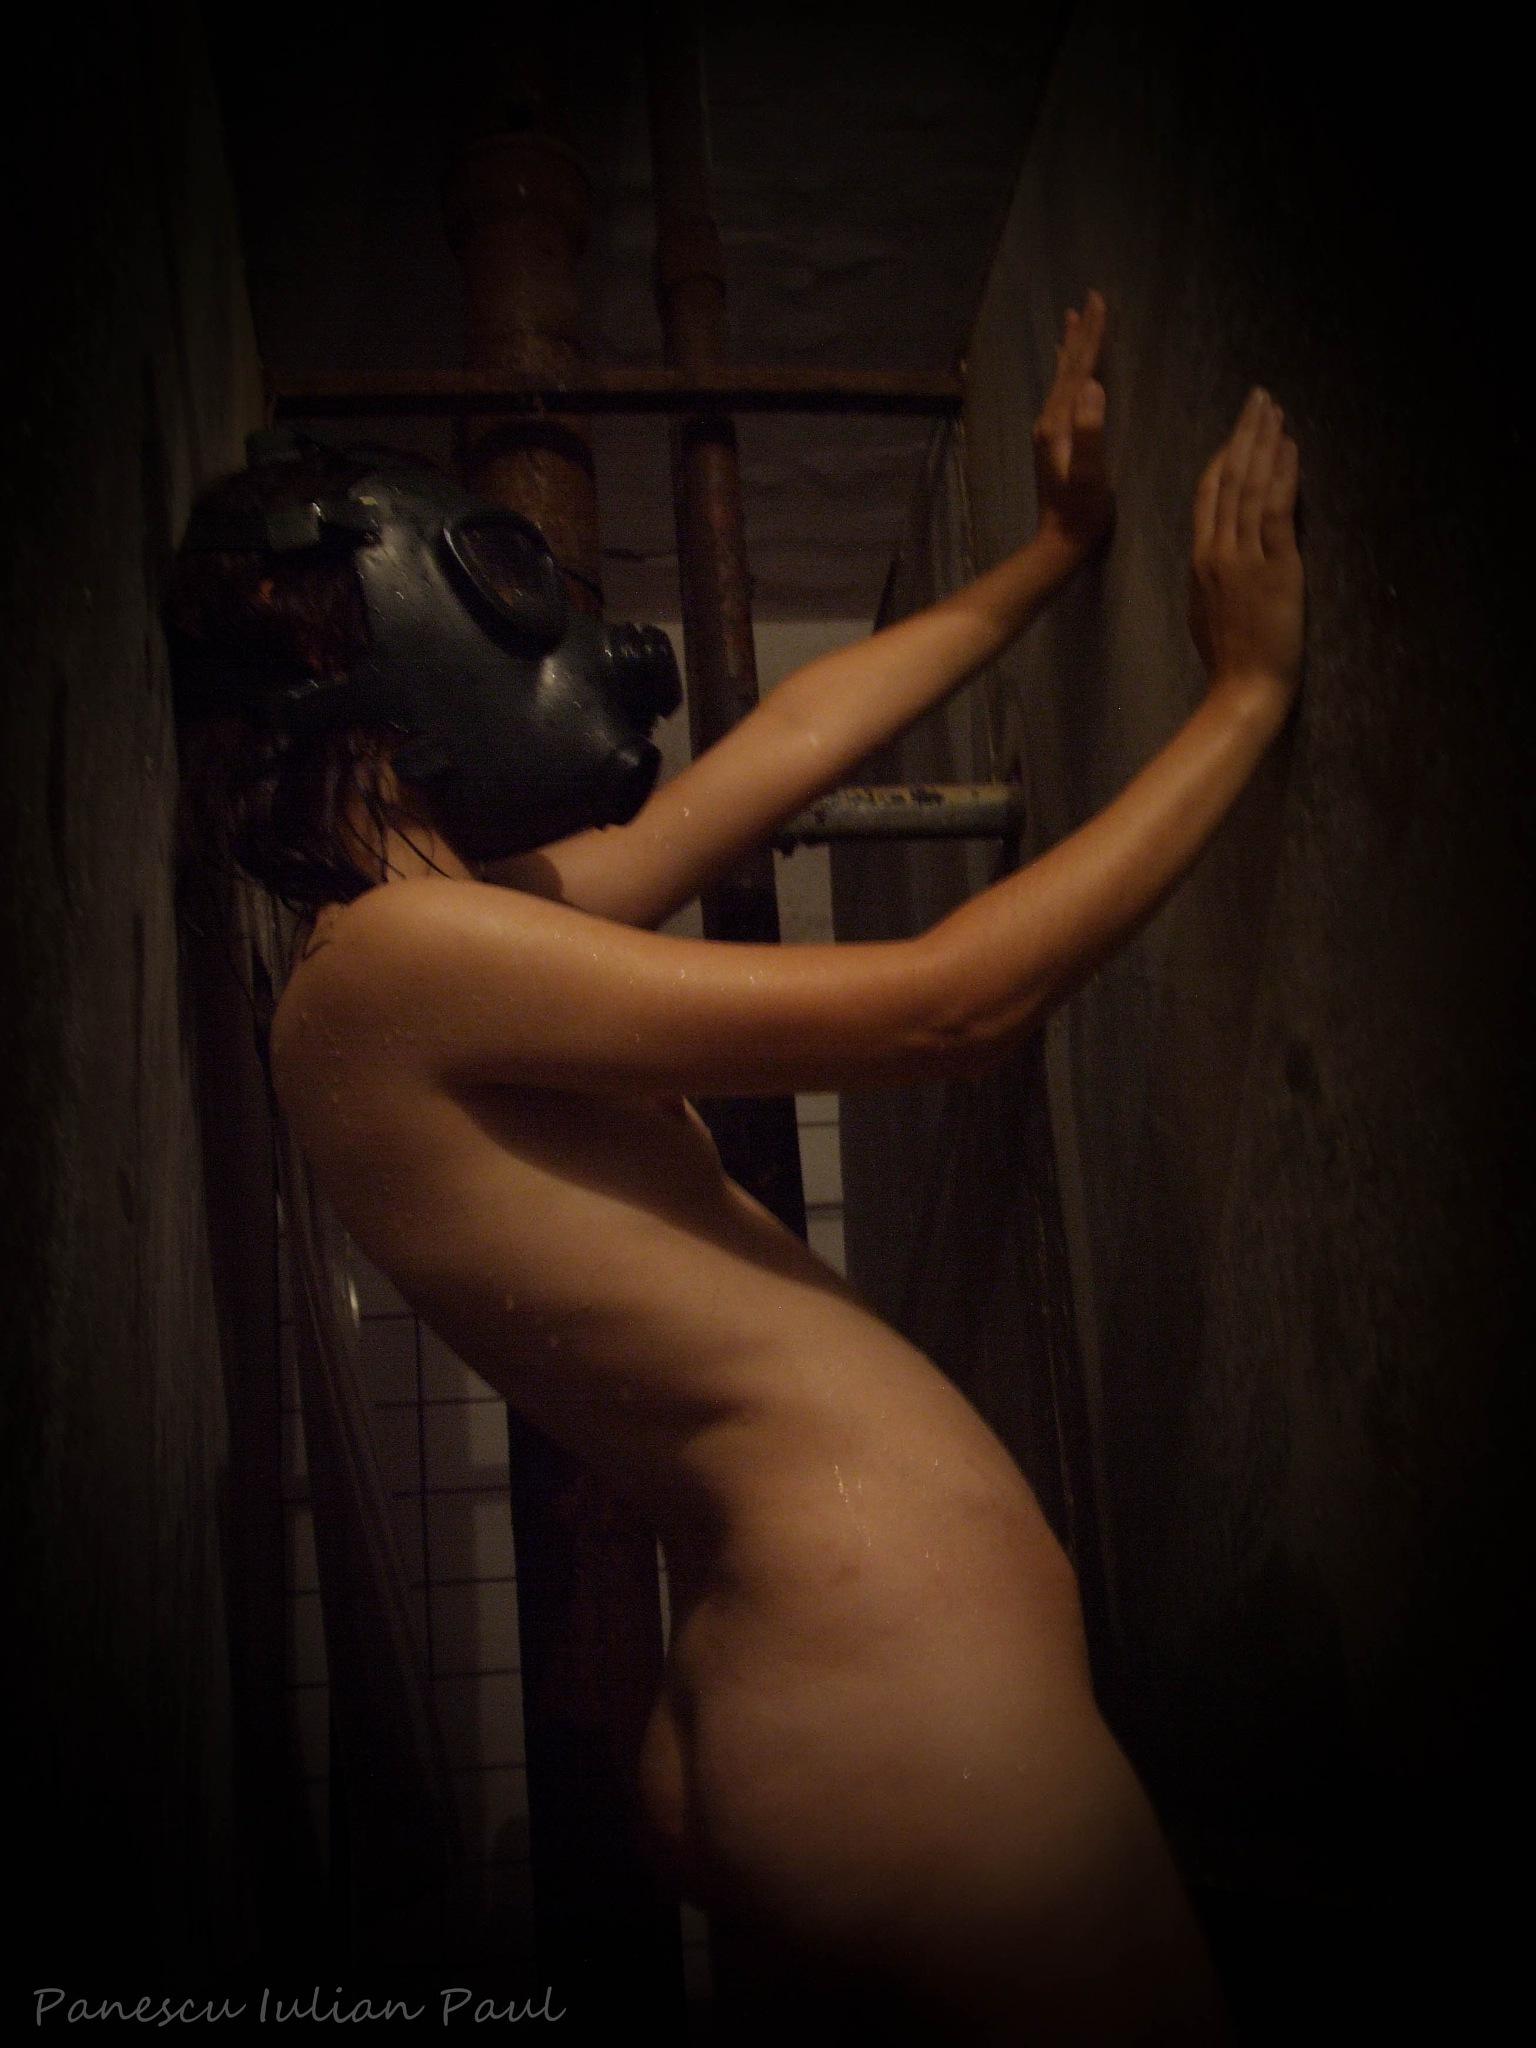 Gas mask-Concept 15 by Panescu Iulian Paul